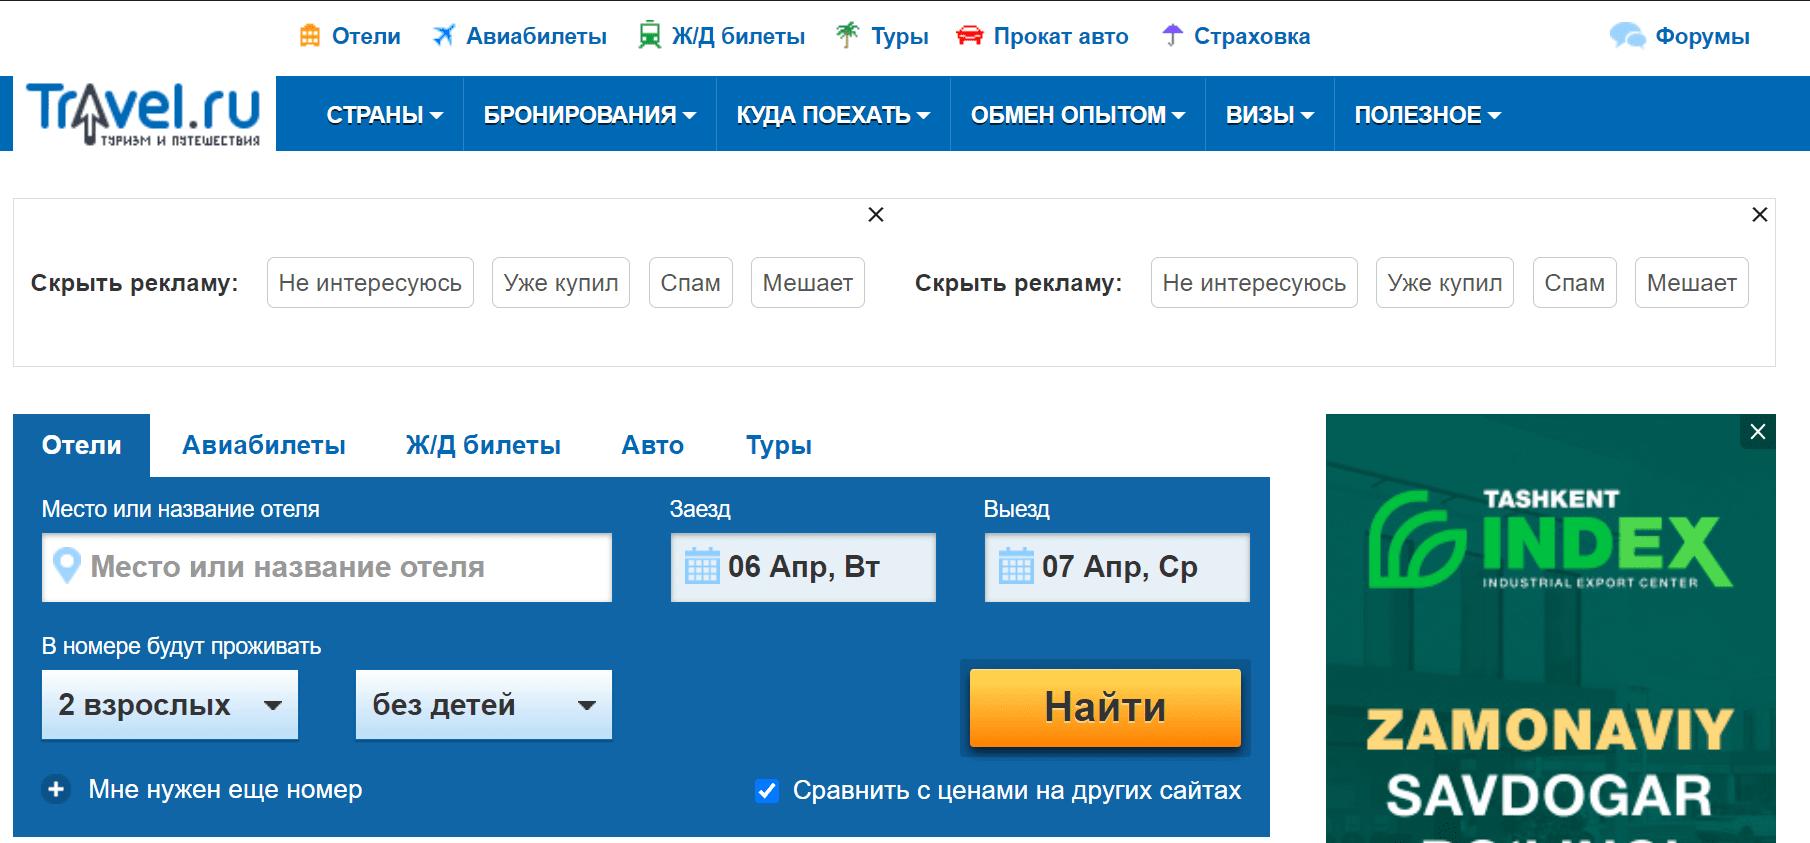 Ссылка на сайт онлайн сервиса для туризма и путешествия «Travel Ru»